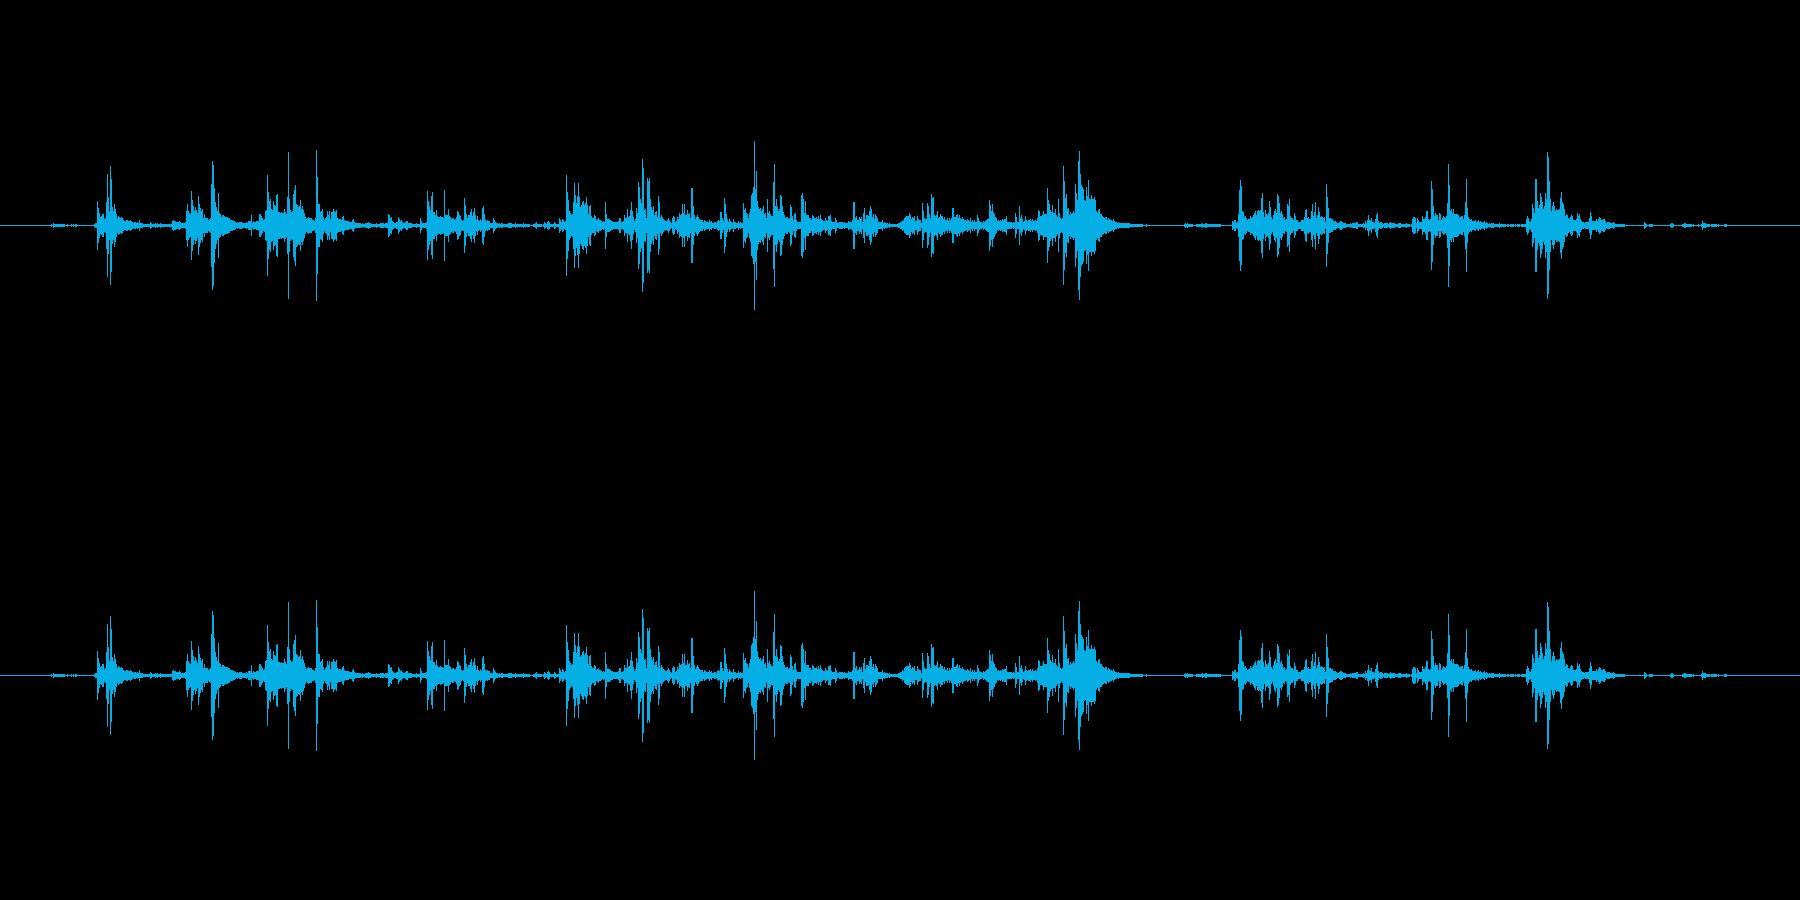 【筆箱03-6(ガサガサ)】の再生済みの波形